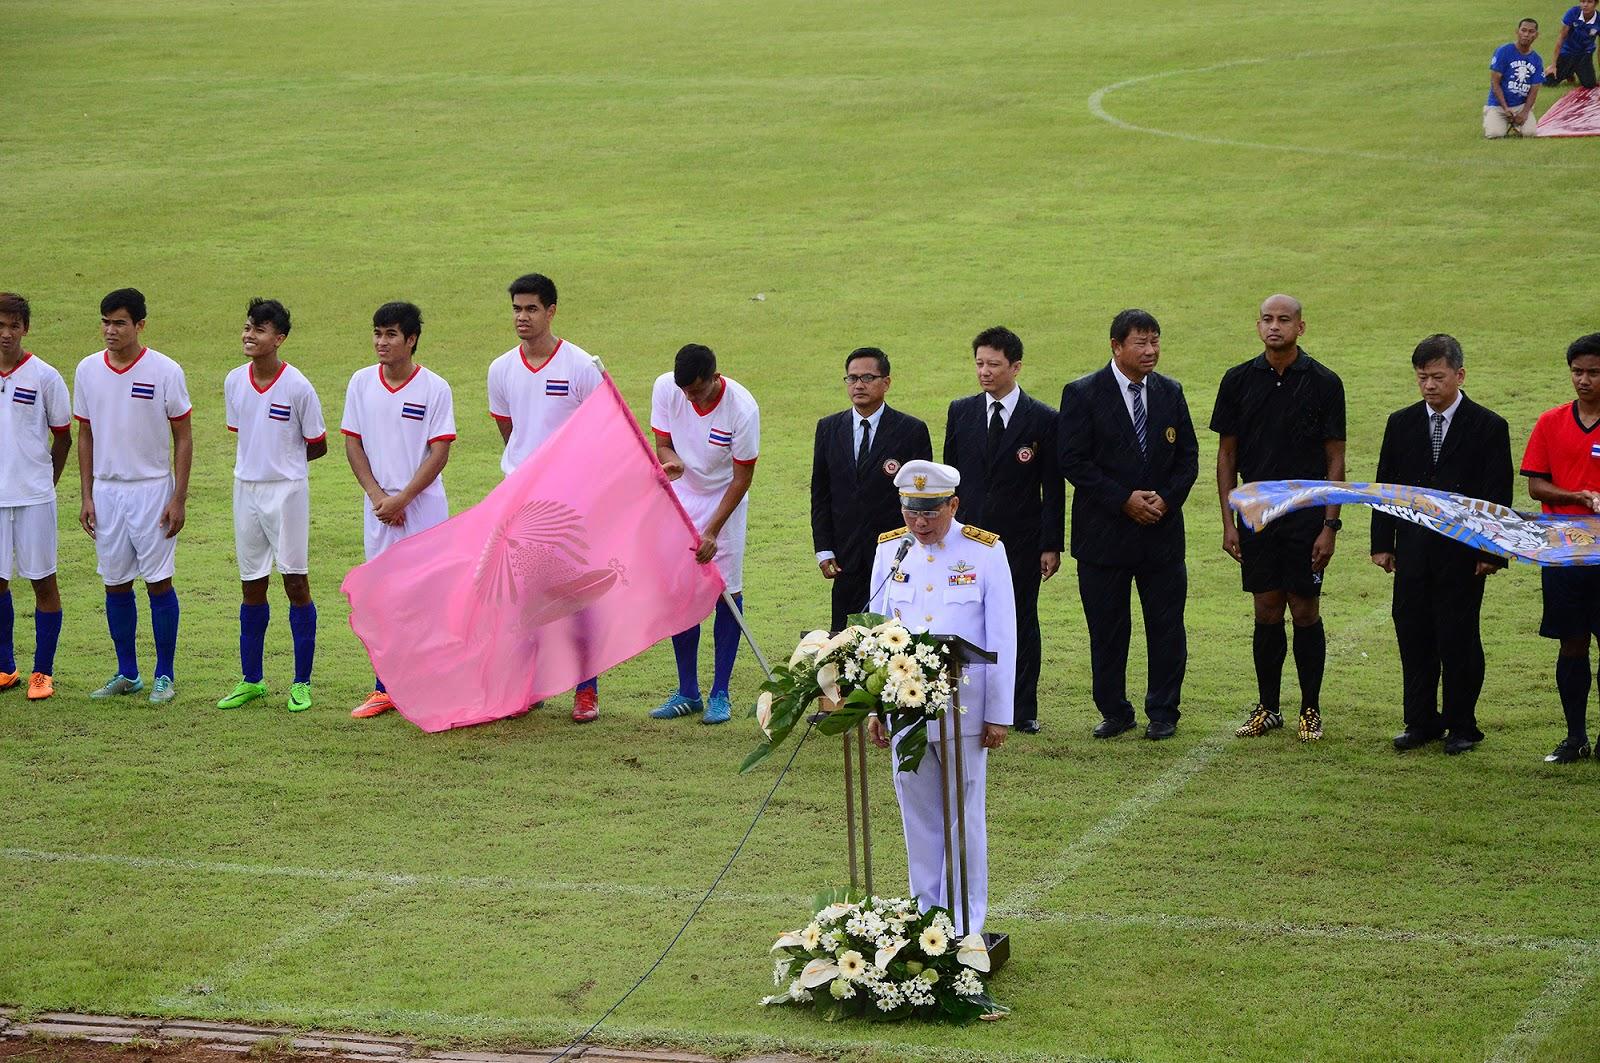 สมเด็จพระบรมโอรสาธิราชฯ สยามมกุฎราชกุมาร ทรงพระกรุณาโปรดเกล้าฯ  ให้ผู้แทนพระองค์ เป็นประธานการแข่งขันประเพณีกติกาฟุตบอล 119 ครั้งที่ 10  ประจำปี 2558 ที่จังหวัดนครปฐม ~ หนังสือพิมพ์ชี้ชัด เจาะลึก